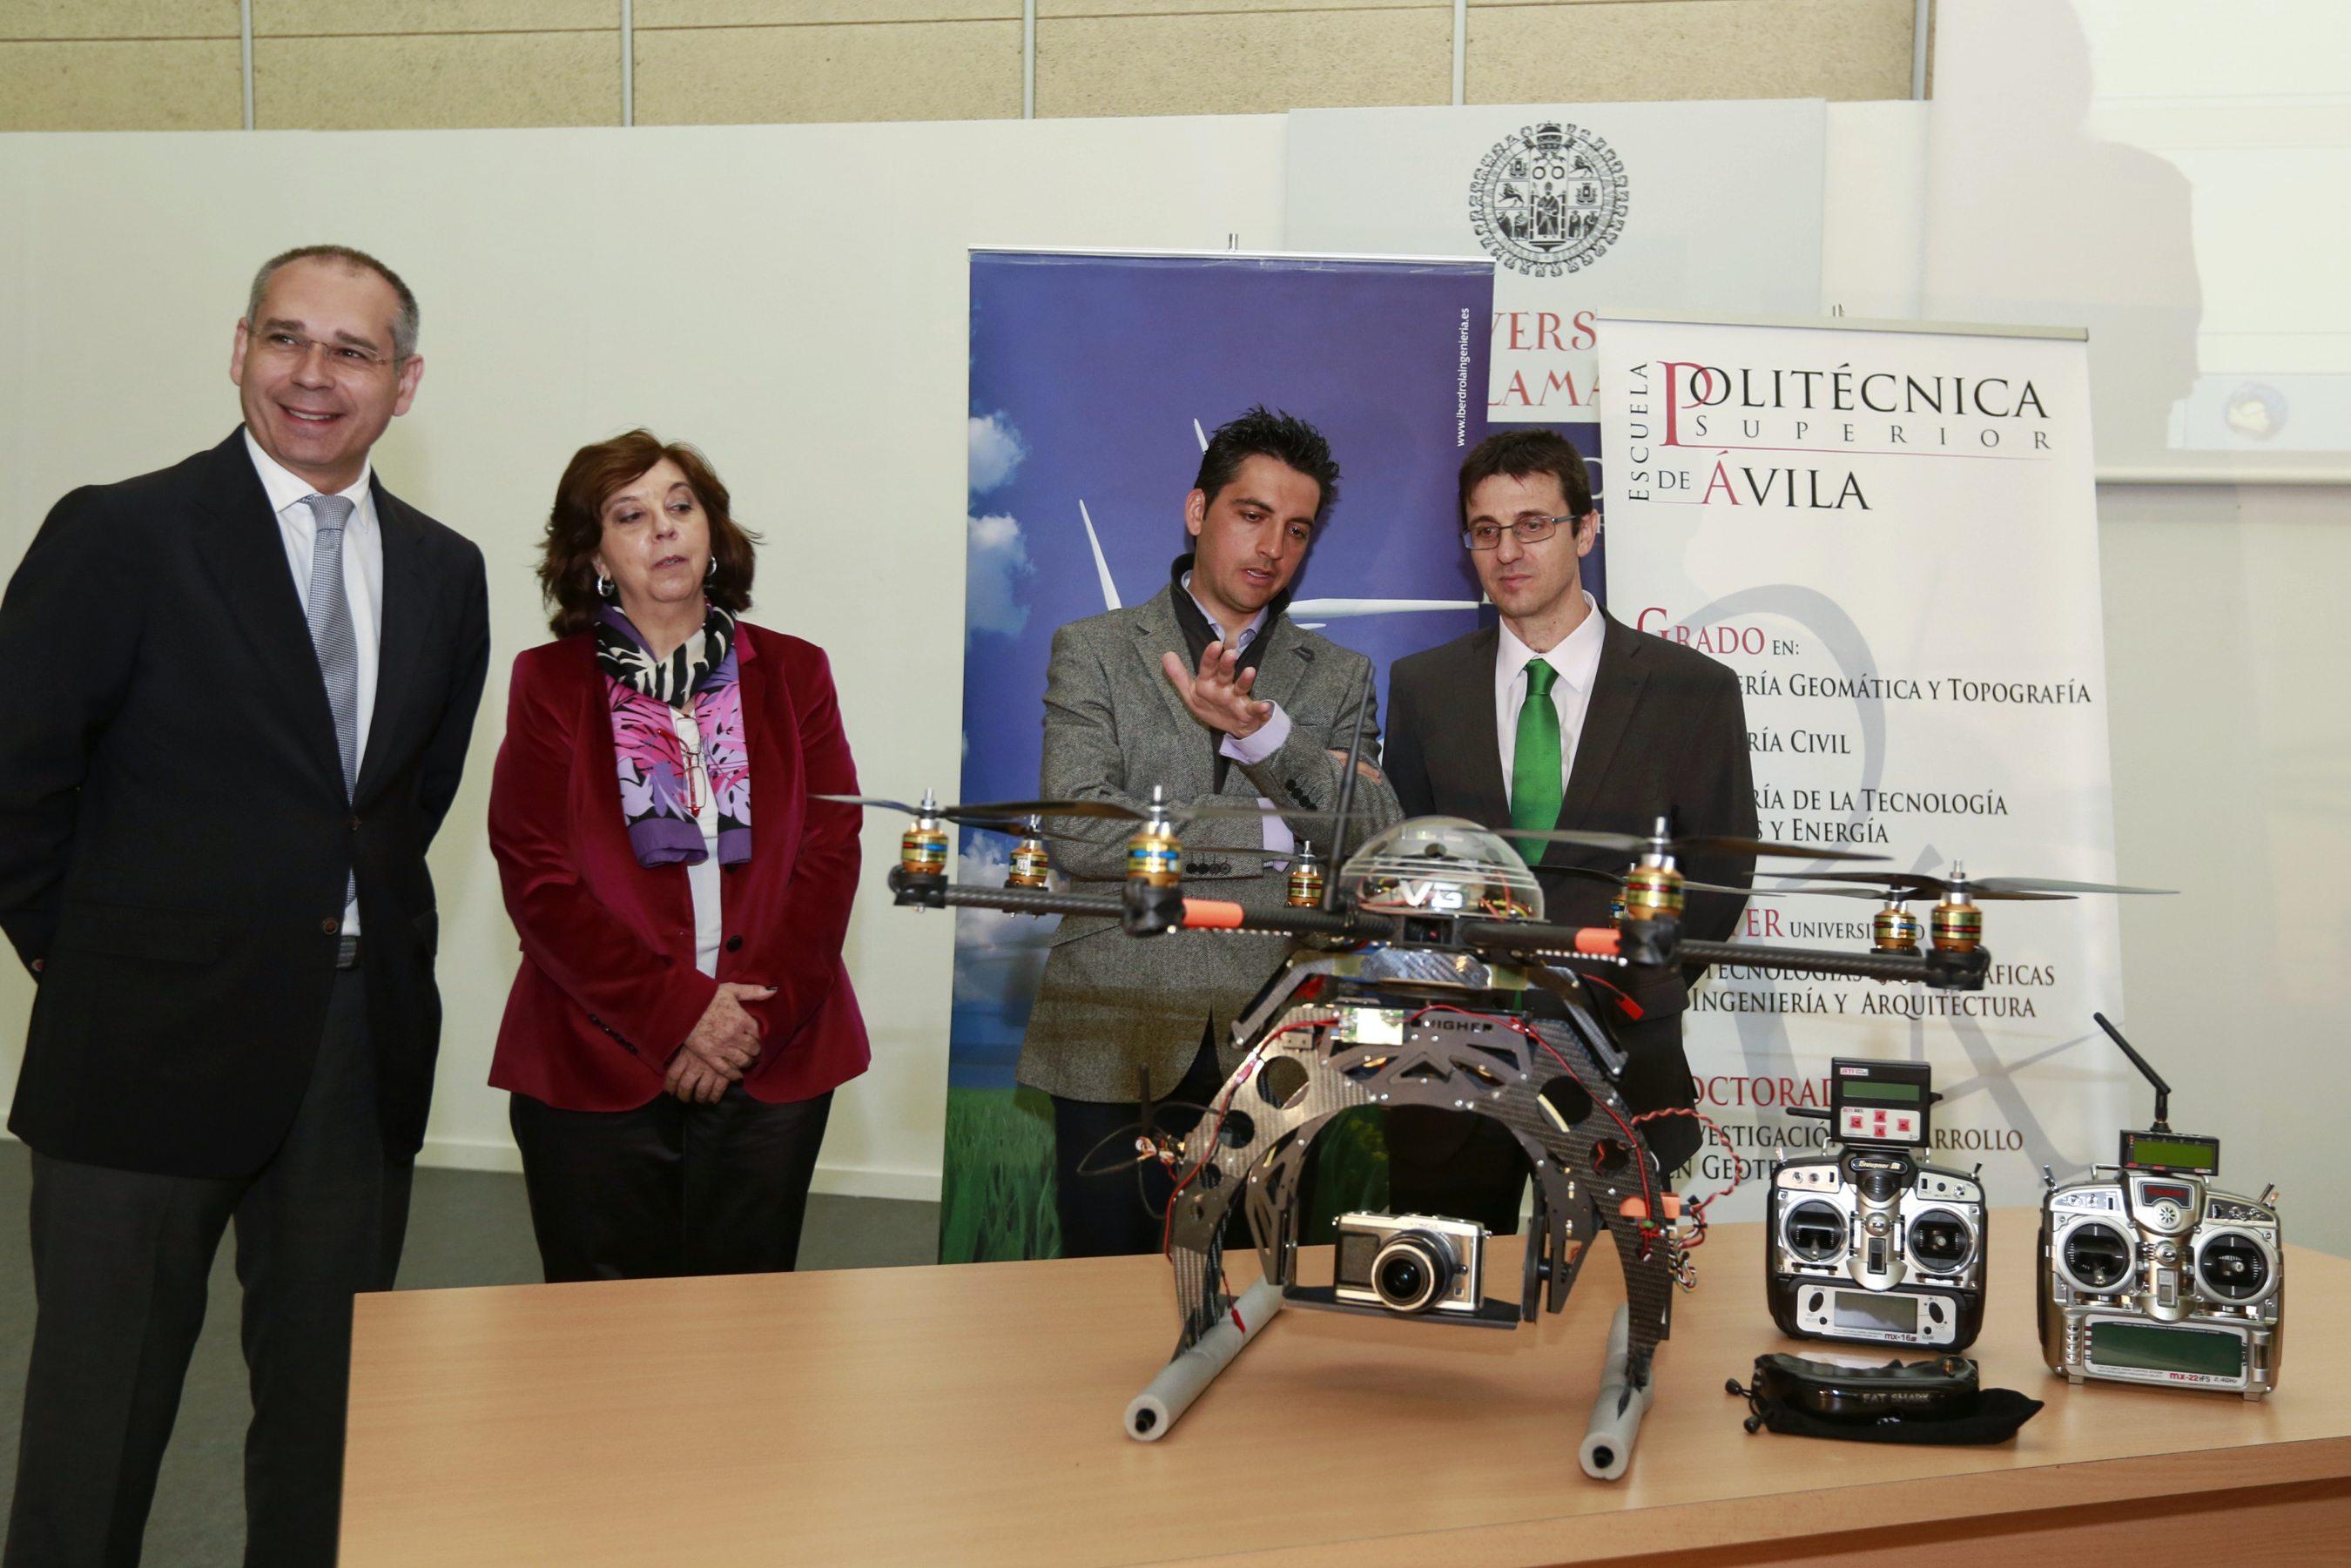 La Universidad de Salamanca e Iberdrola Ingeniería finalizan con éxito el proyecto de I+D 'Toma de Datos'